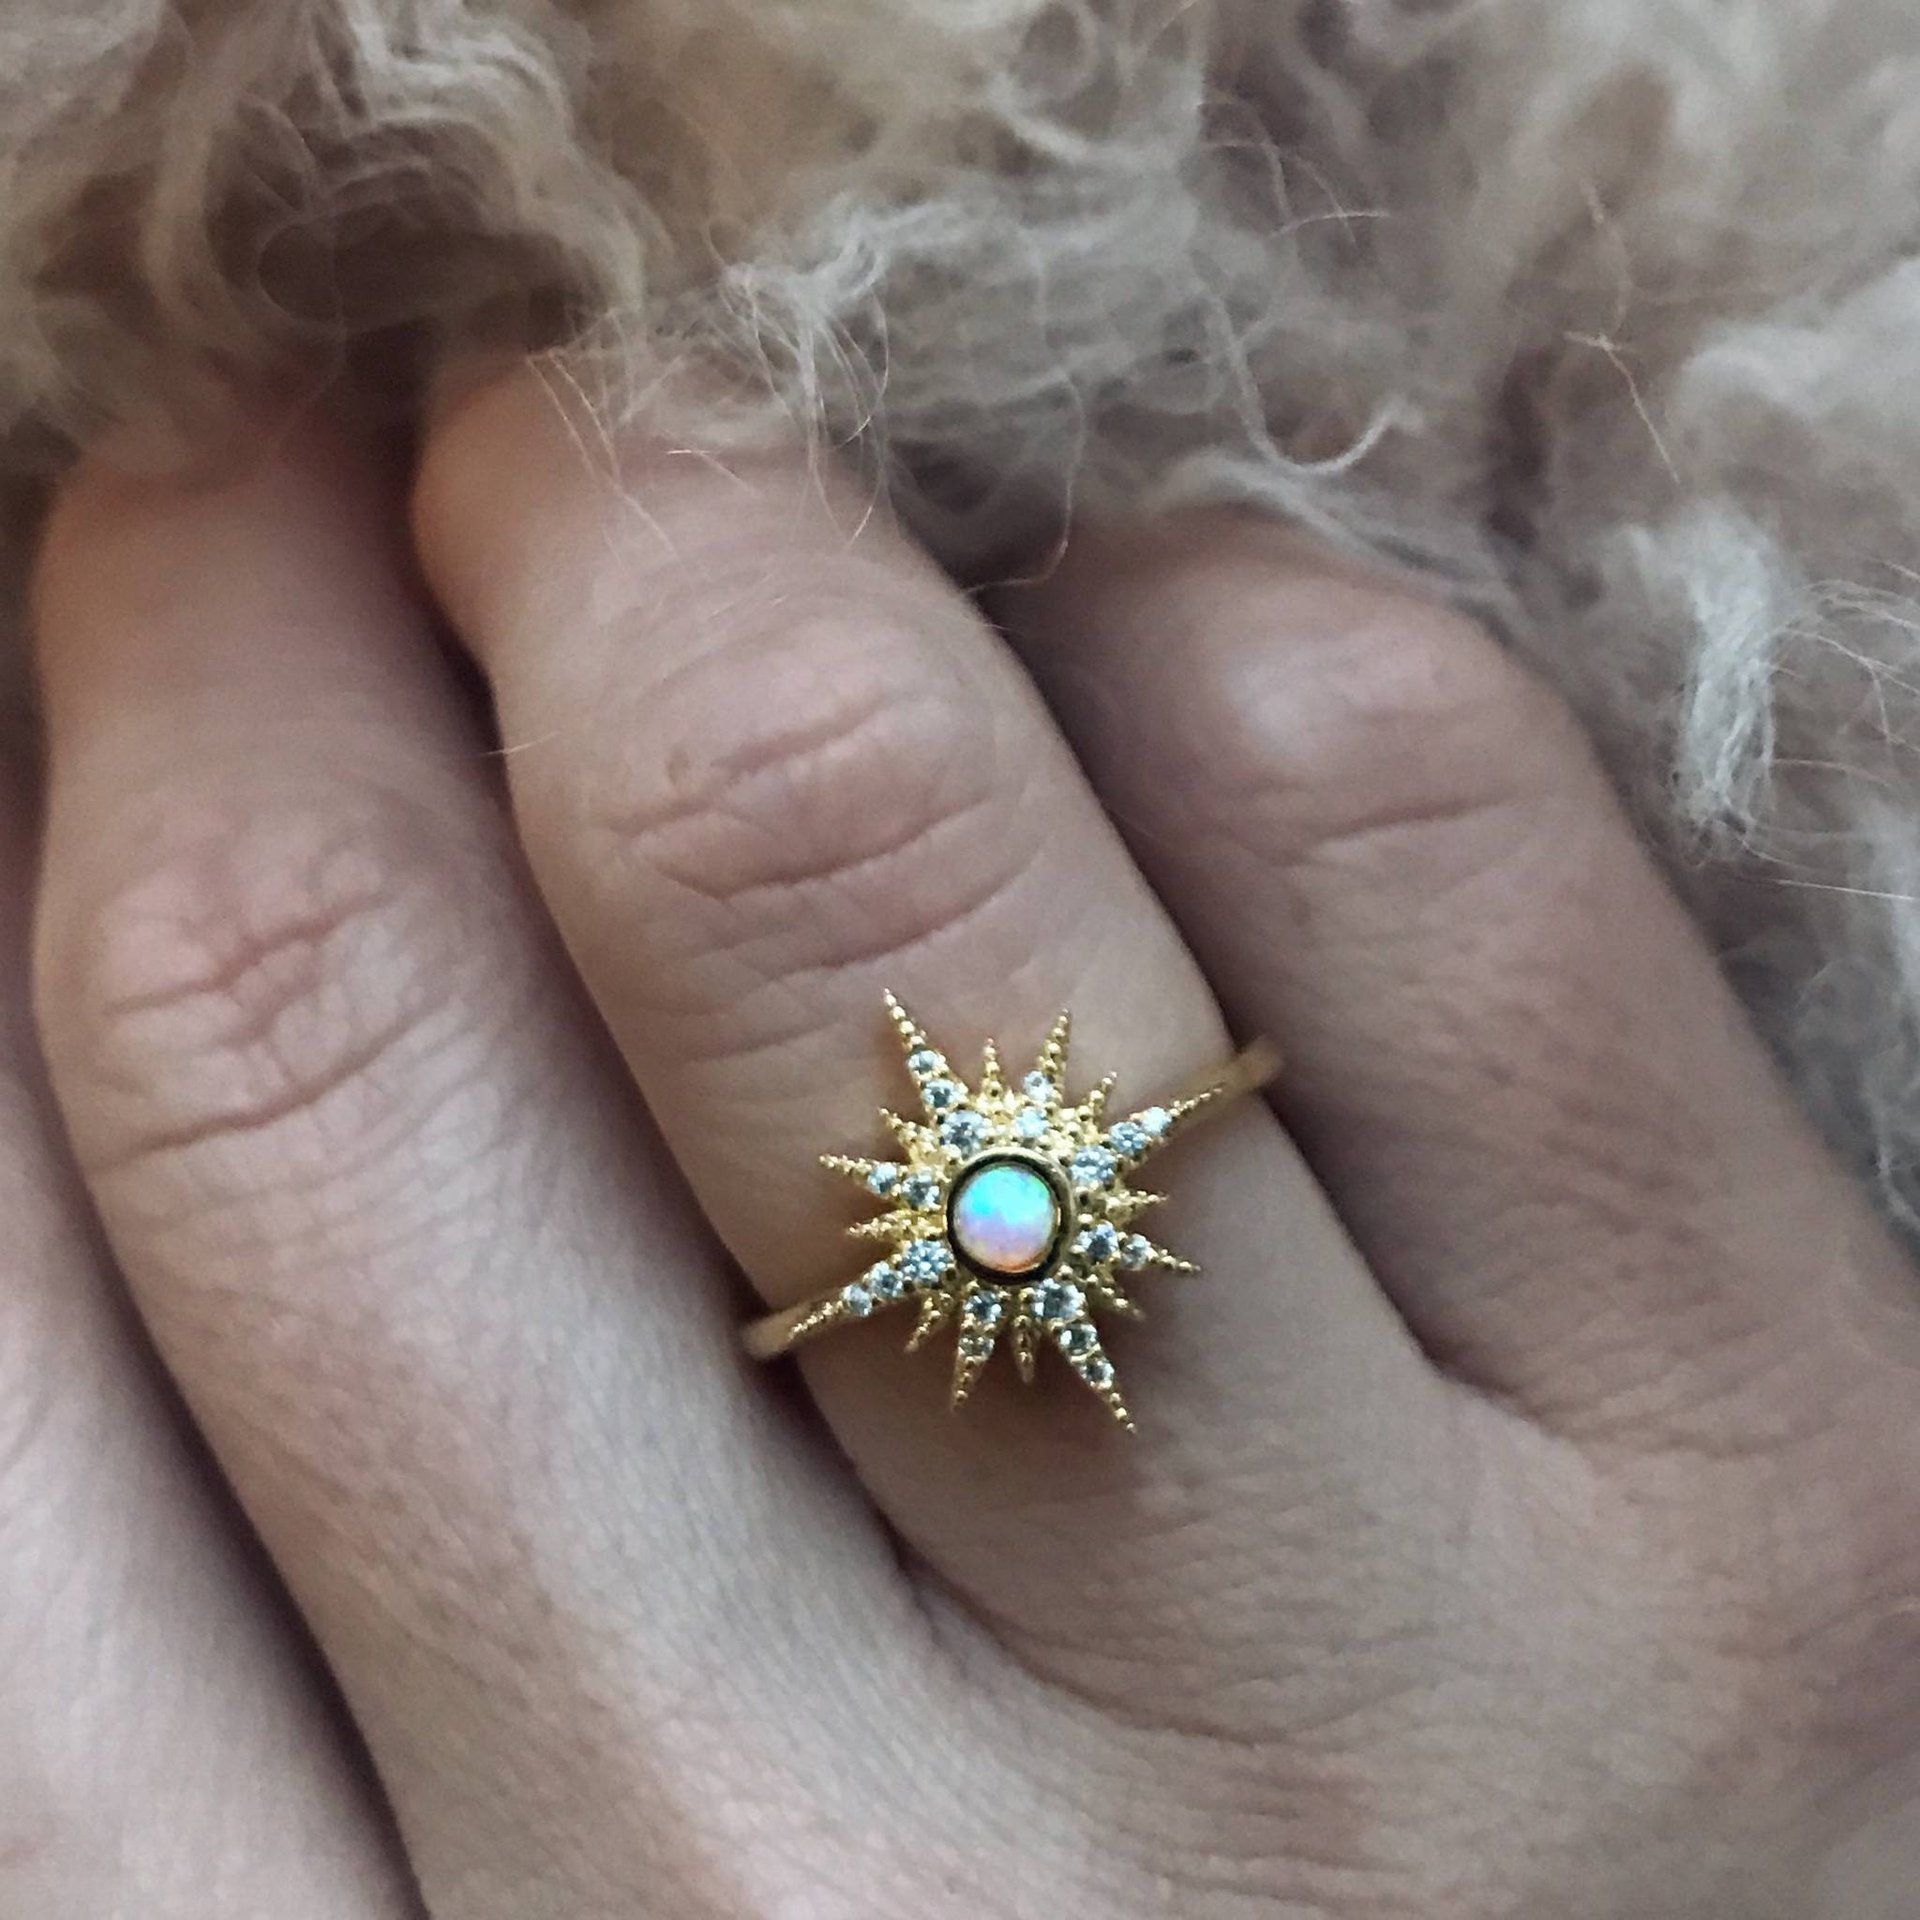 47c8c550bbcf1 Starburst Opal Ring | Jewelry | Jewelry, Jewelry necklaces, Best ...